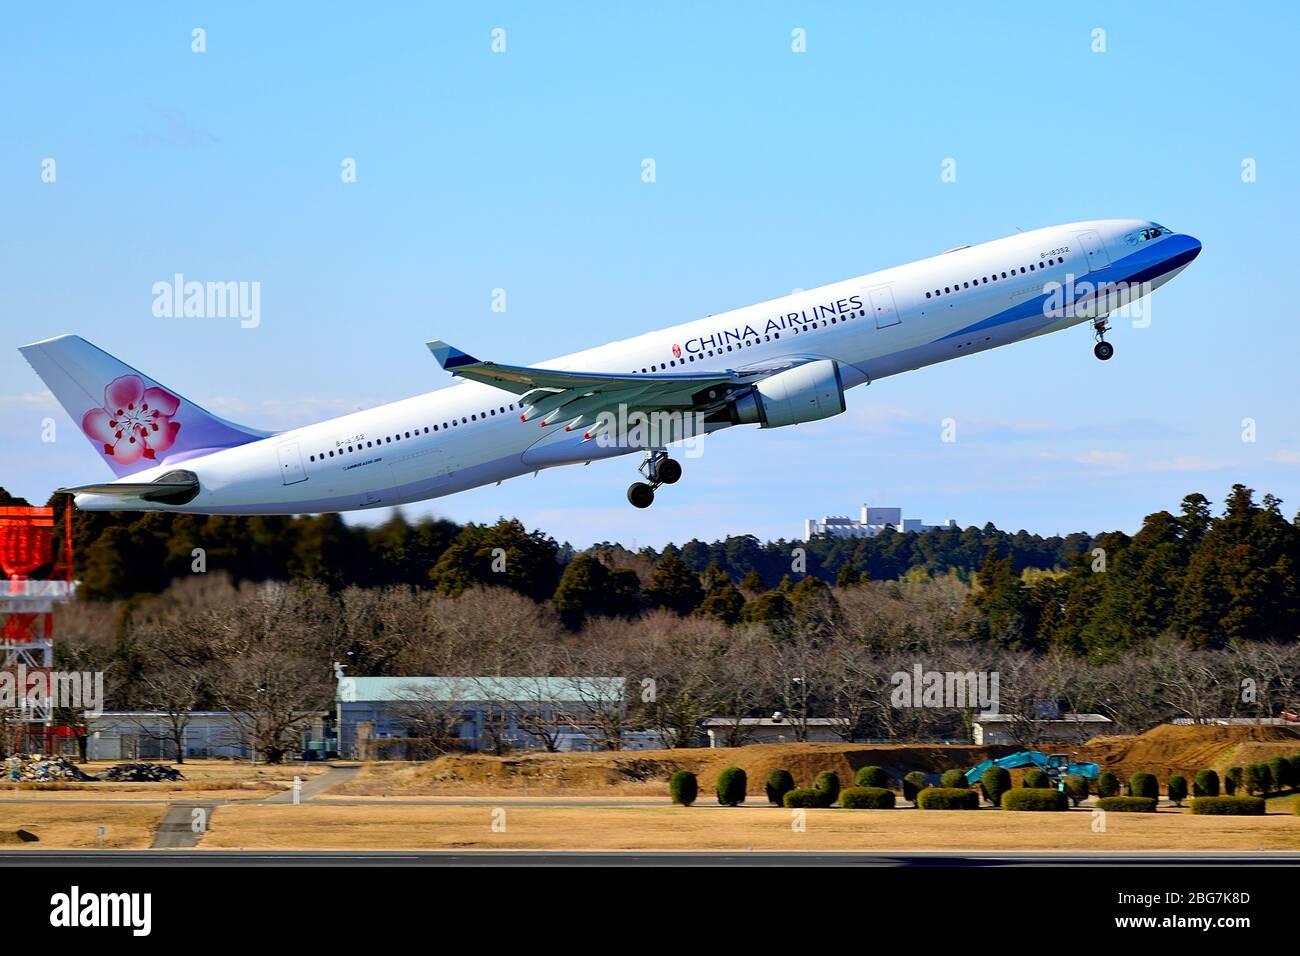 China Airlines, Taiwan, Airbus, A330-300, B-18352, Take Off, Narita Airport, Chiba, Japan Stock Photo